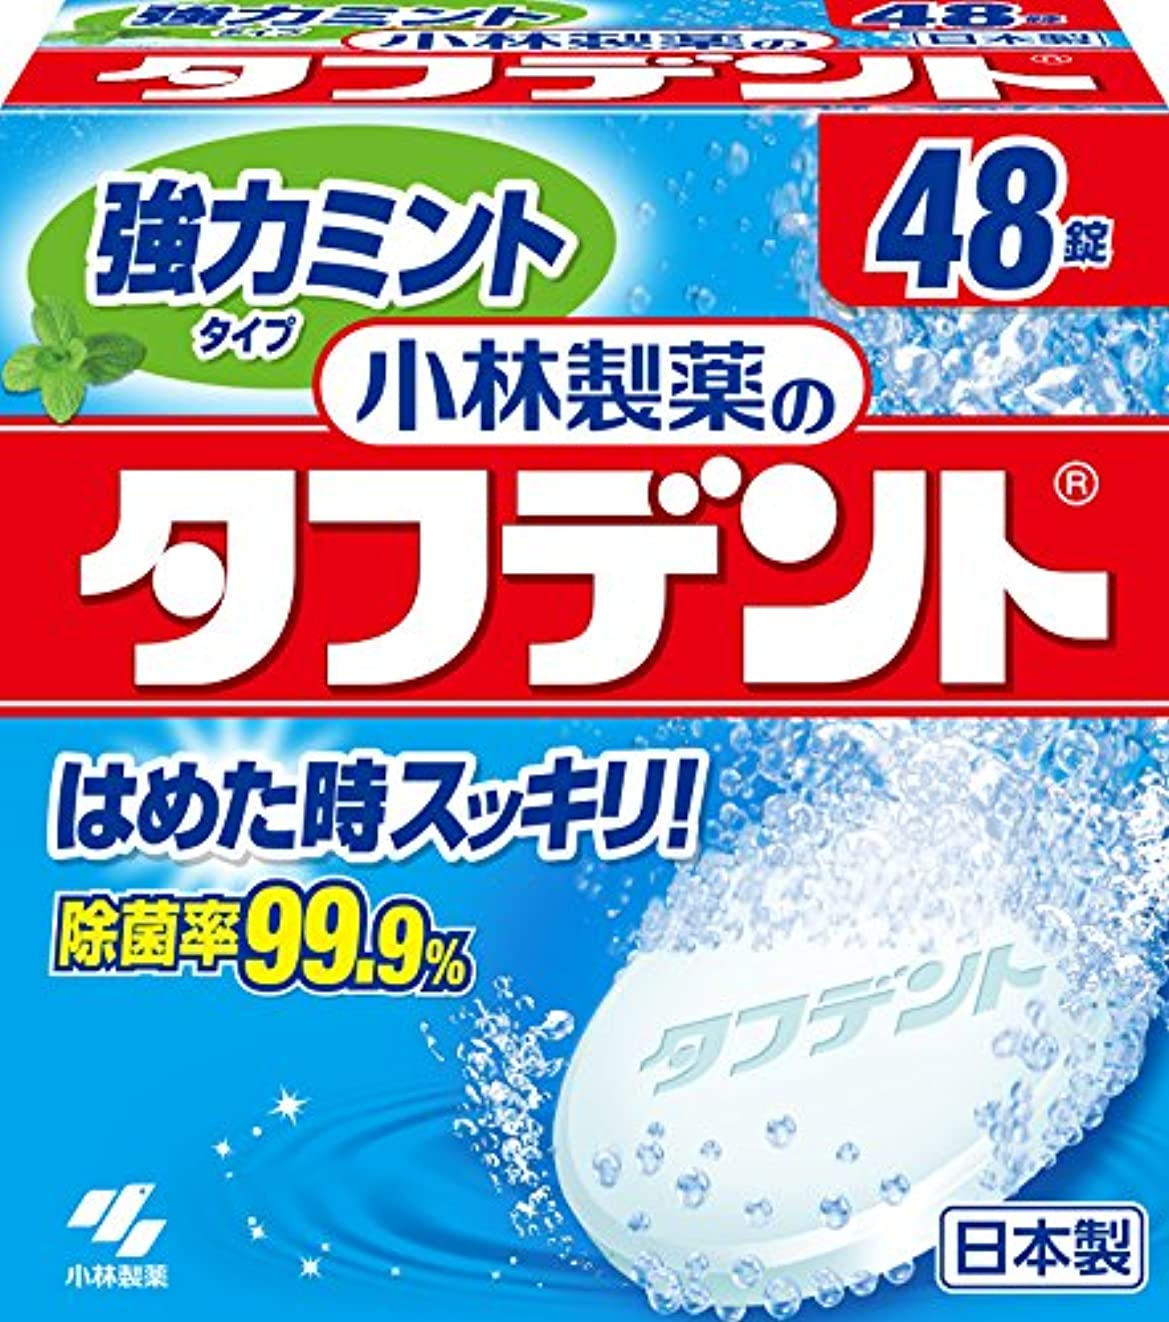 奇跡的な好意好き小林製薬のタフデント強力ミントタイプ 入れ歯用洗浄剤 ミントの香り 48錠